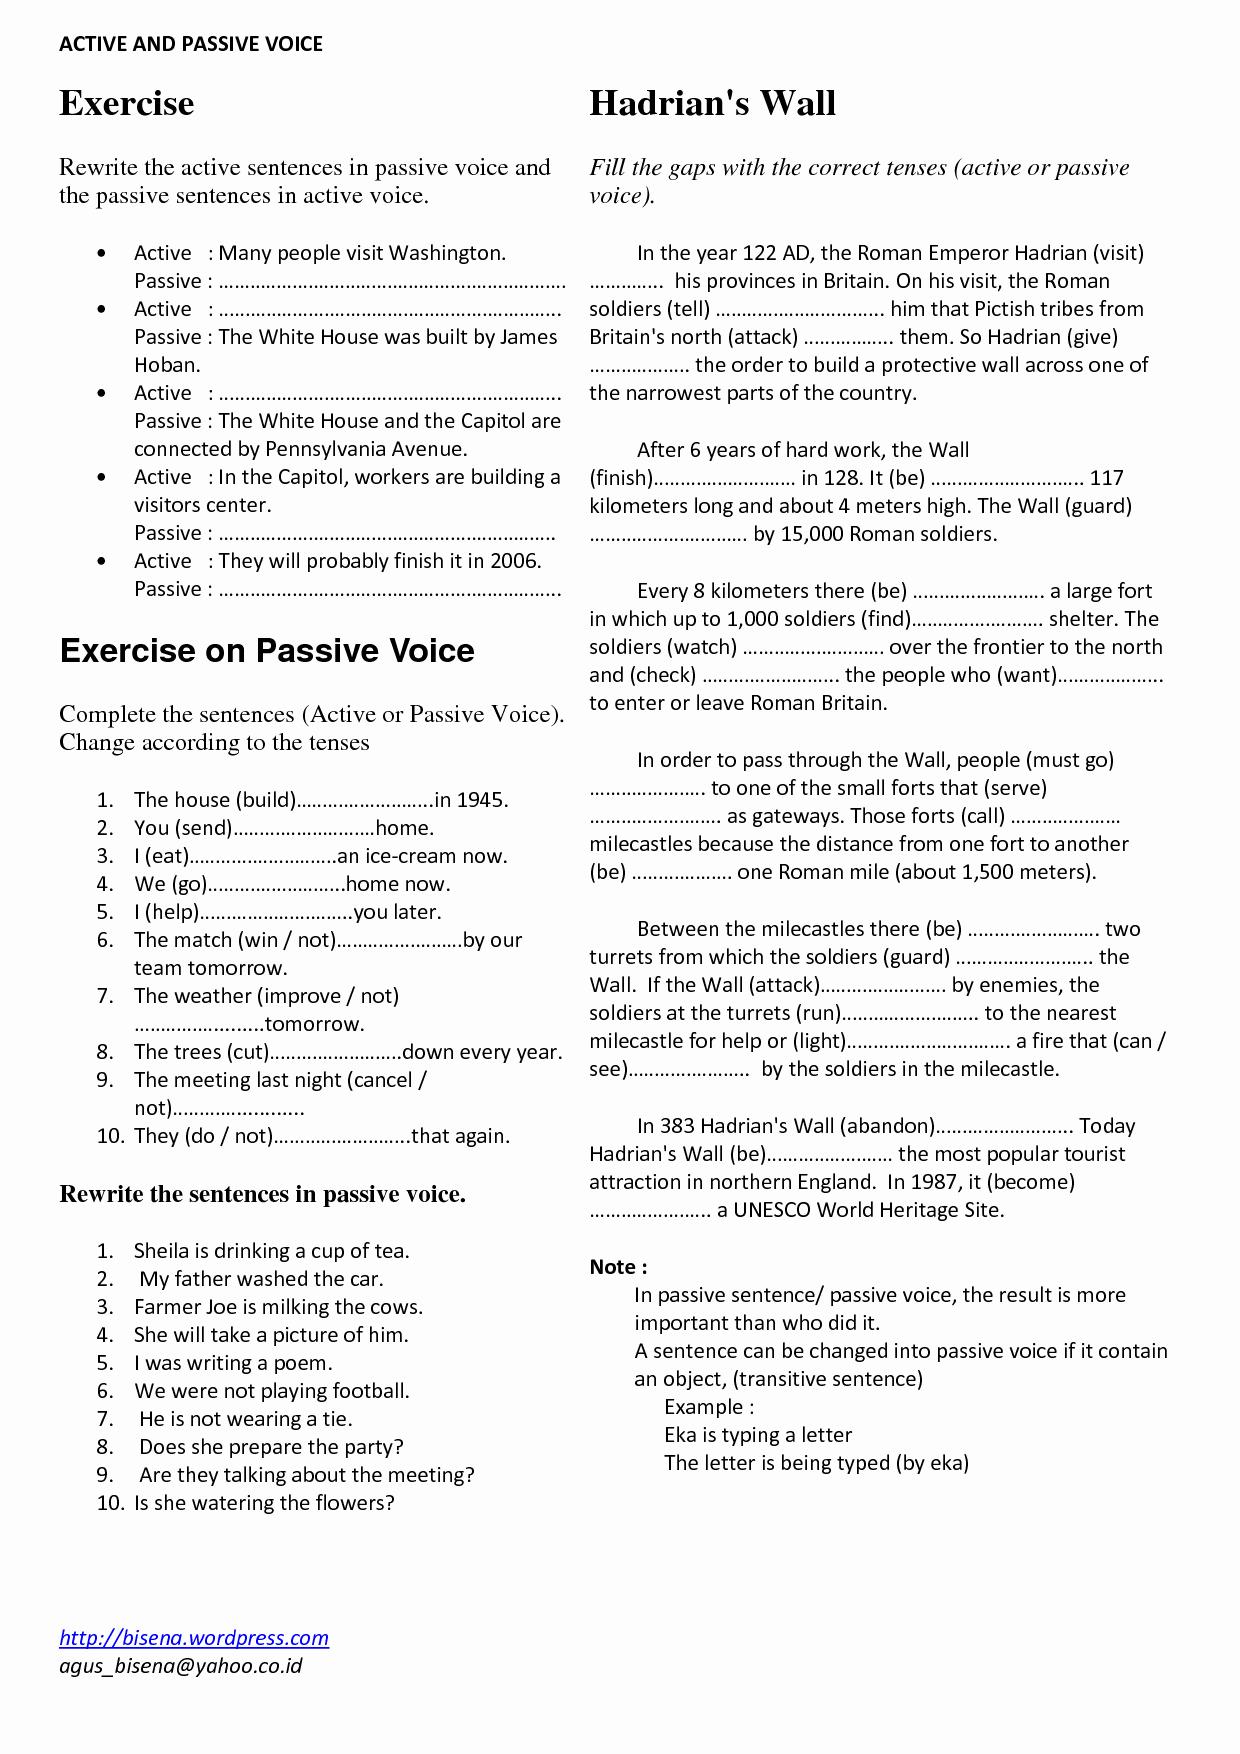 Active and Passive Transport Worksheet Elegant 11 Best Of Active Passive Voice Worksheet Active